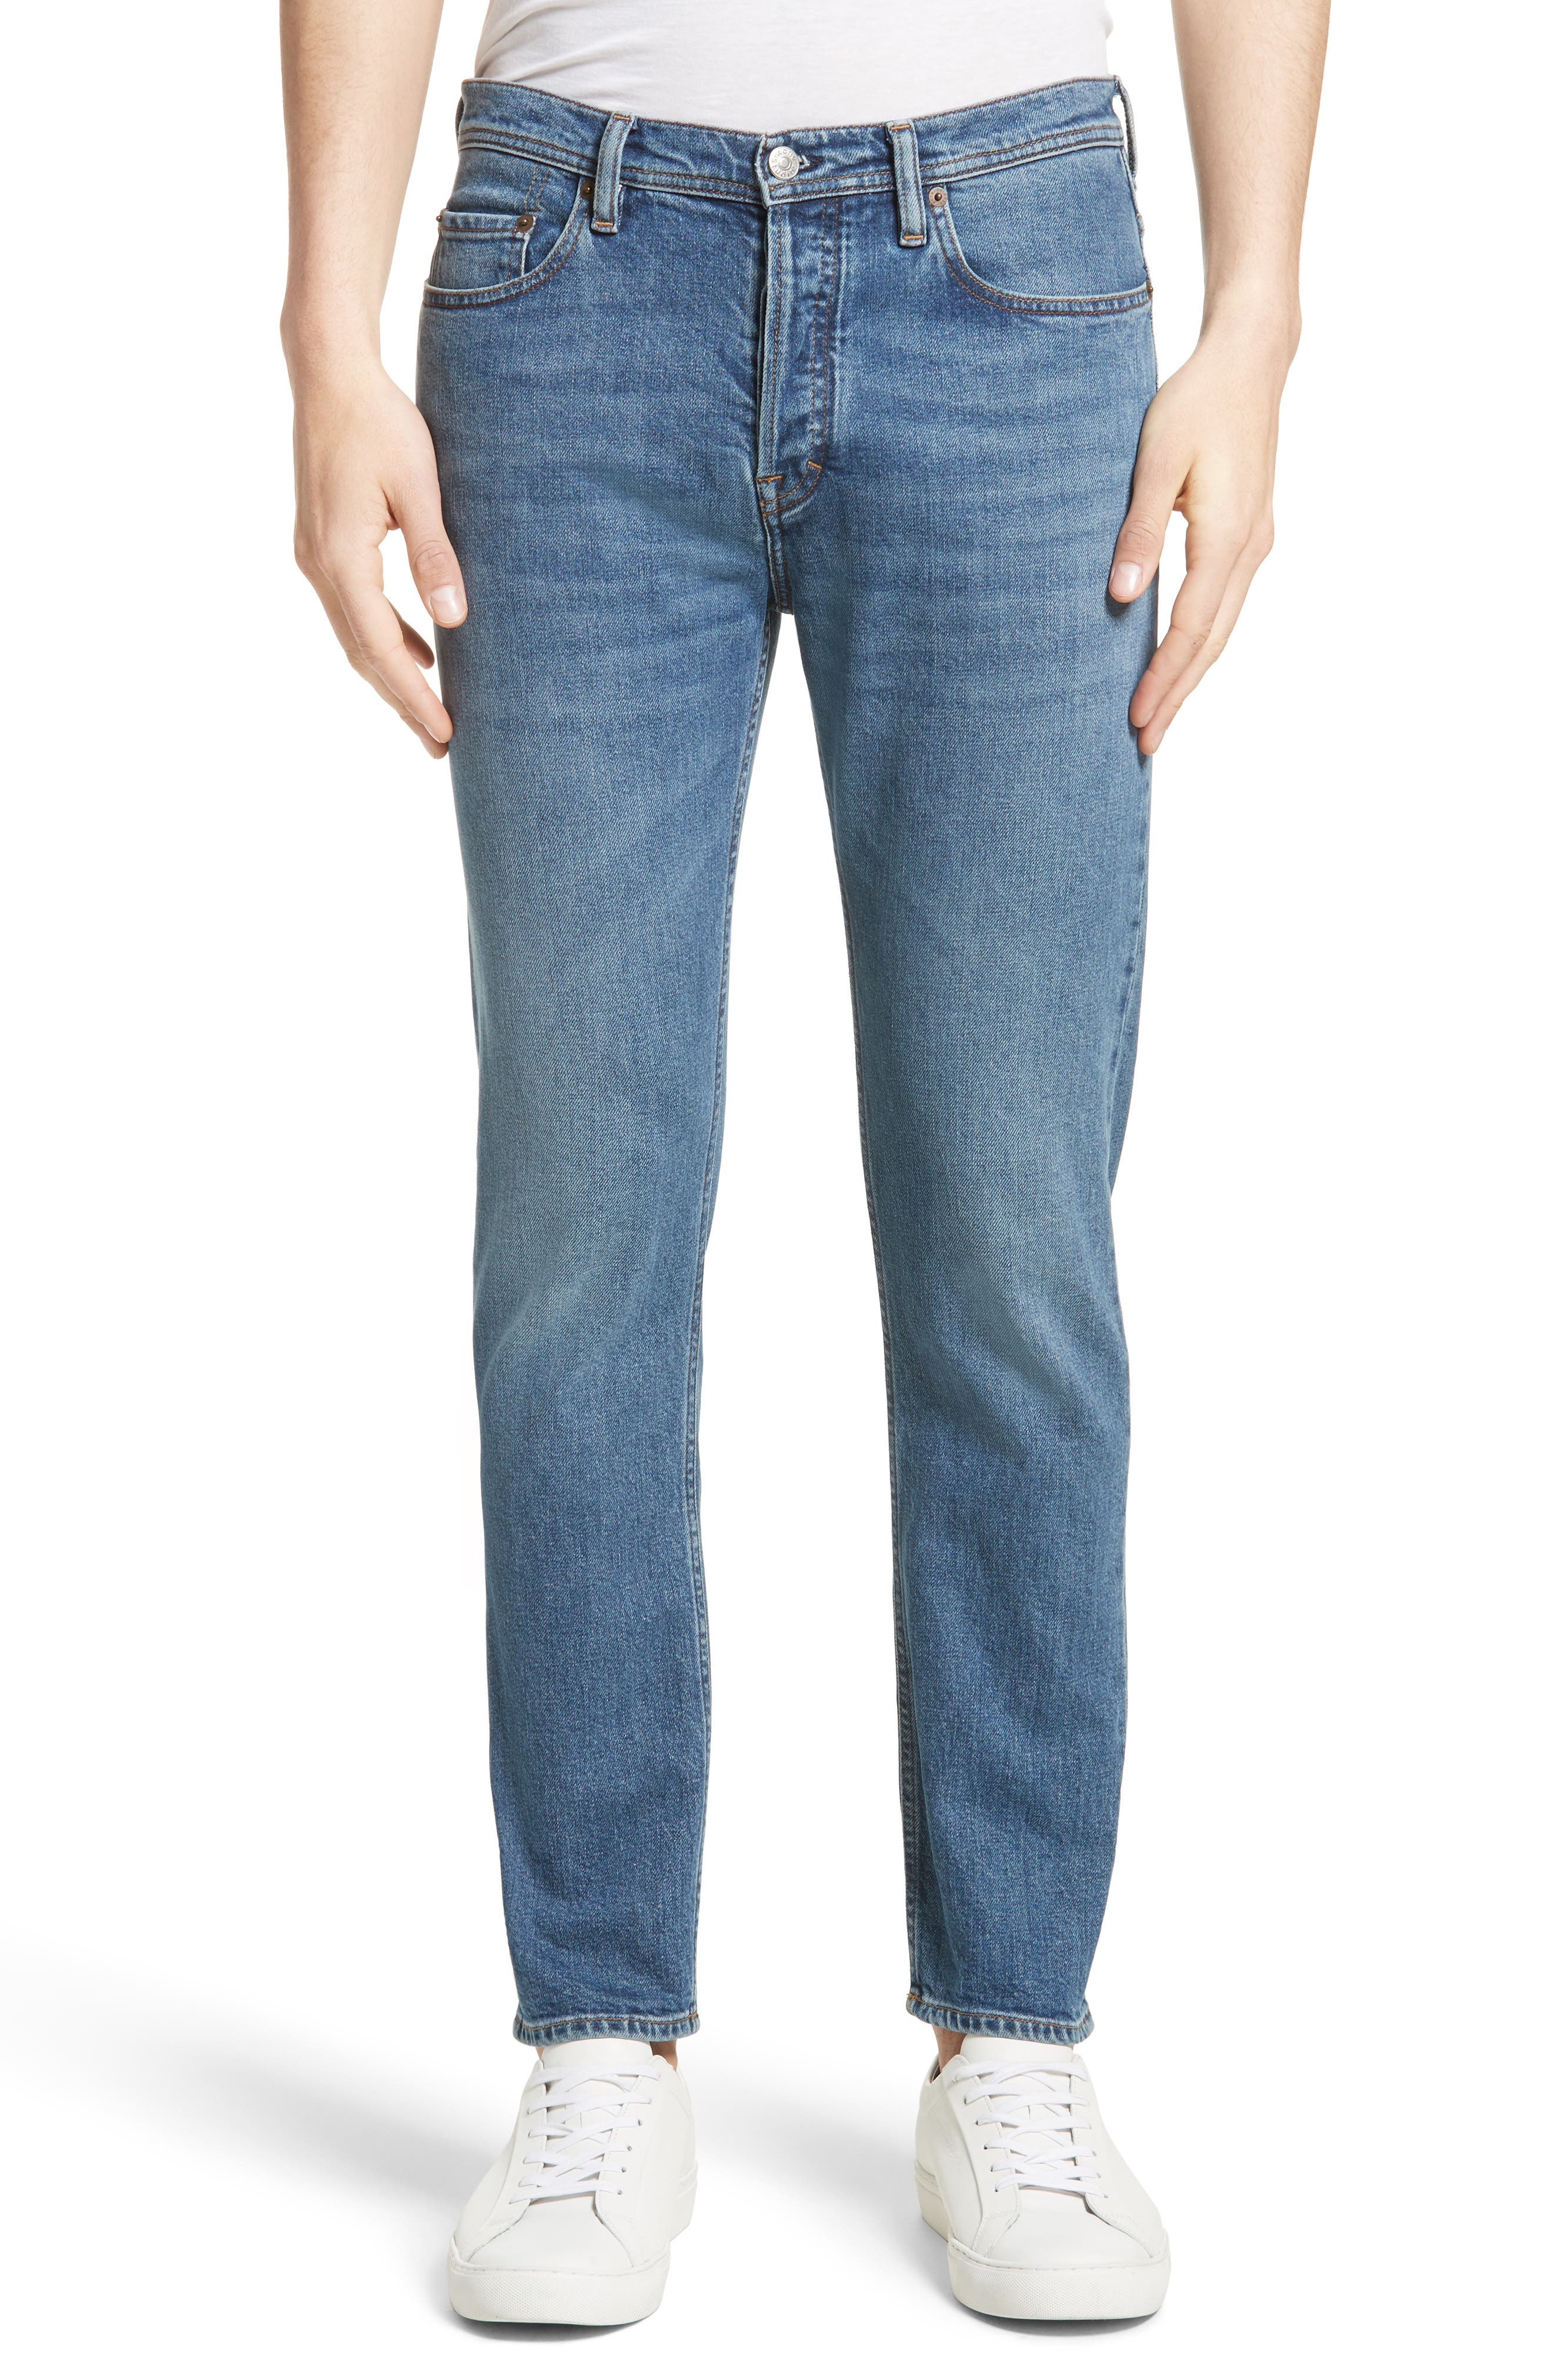 ACNE Studios River Slim Taper Jeans